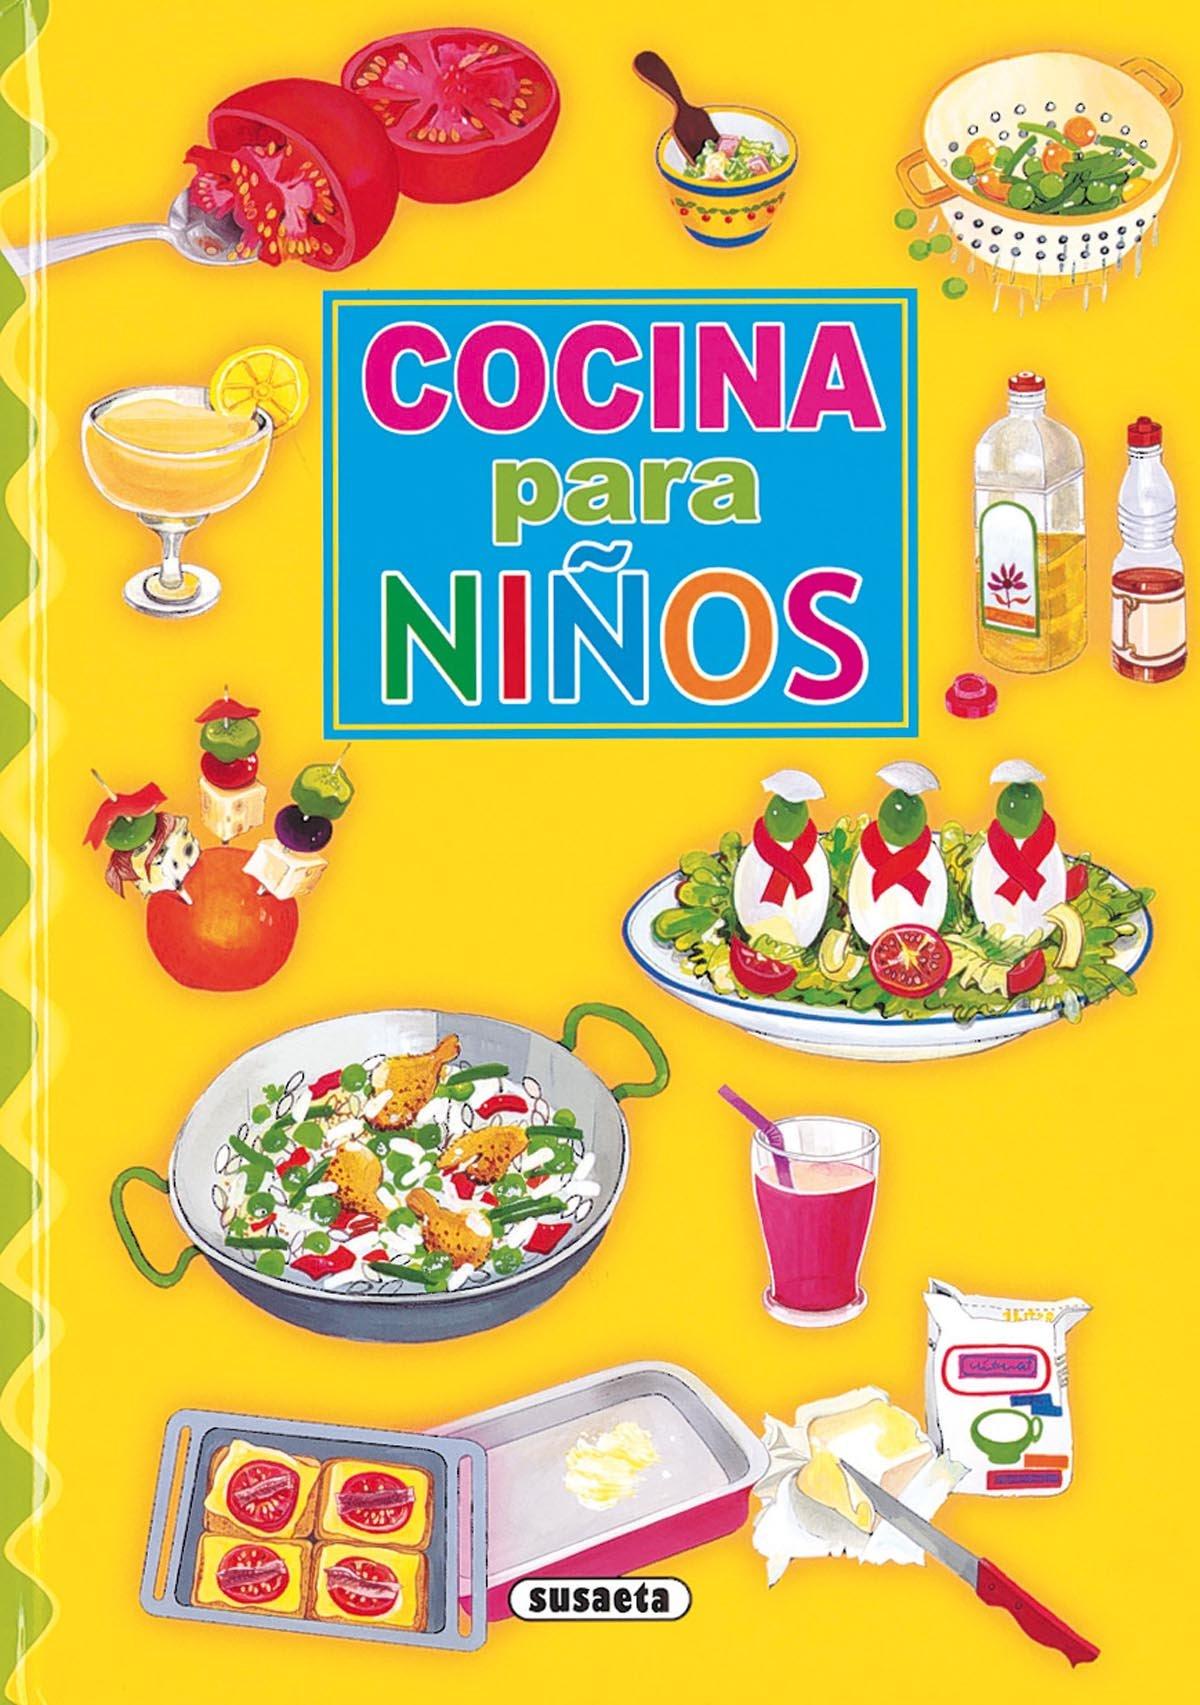 Libro De Cocina Para Niños | Cocina Para Ninos Adiv Adivinanzas Y Chistes Amazon Es